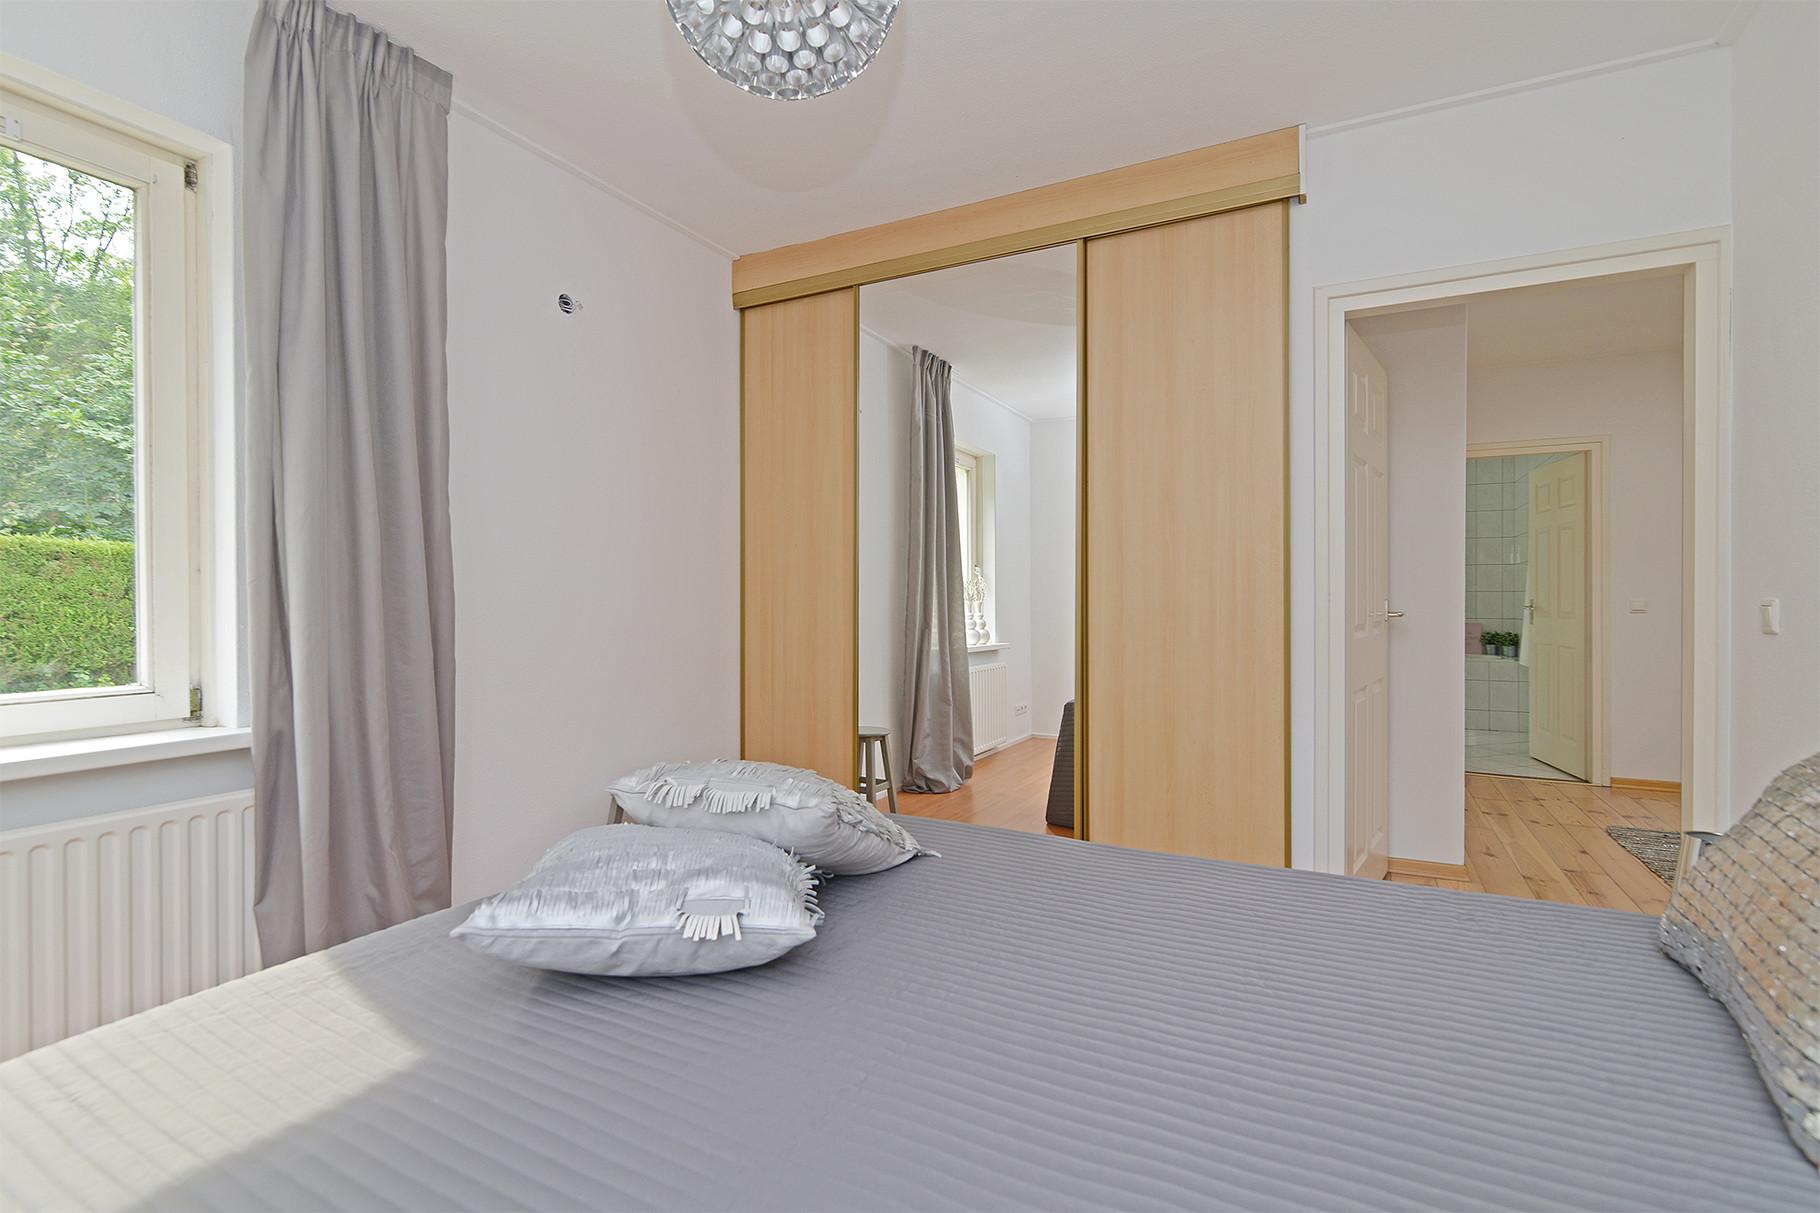 Slaapkamer NA meubelverhuuur